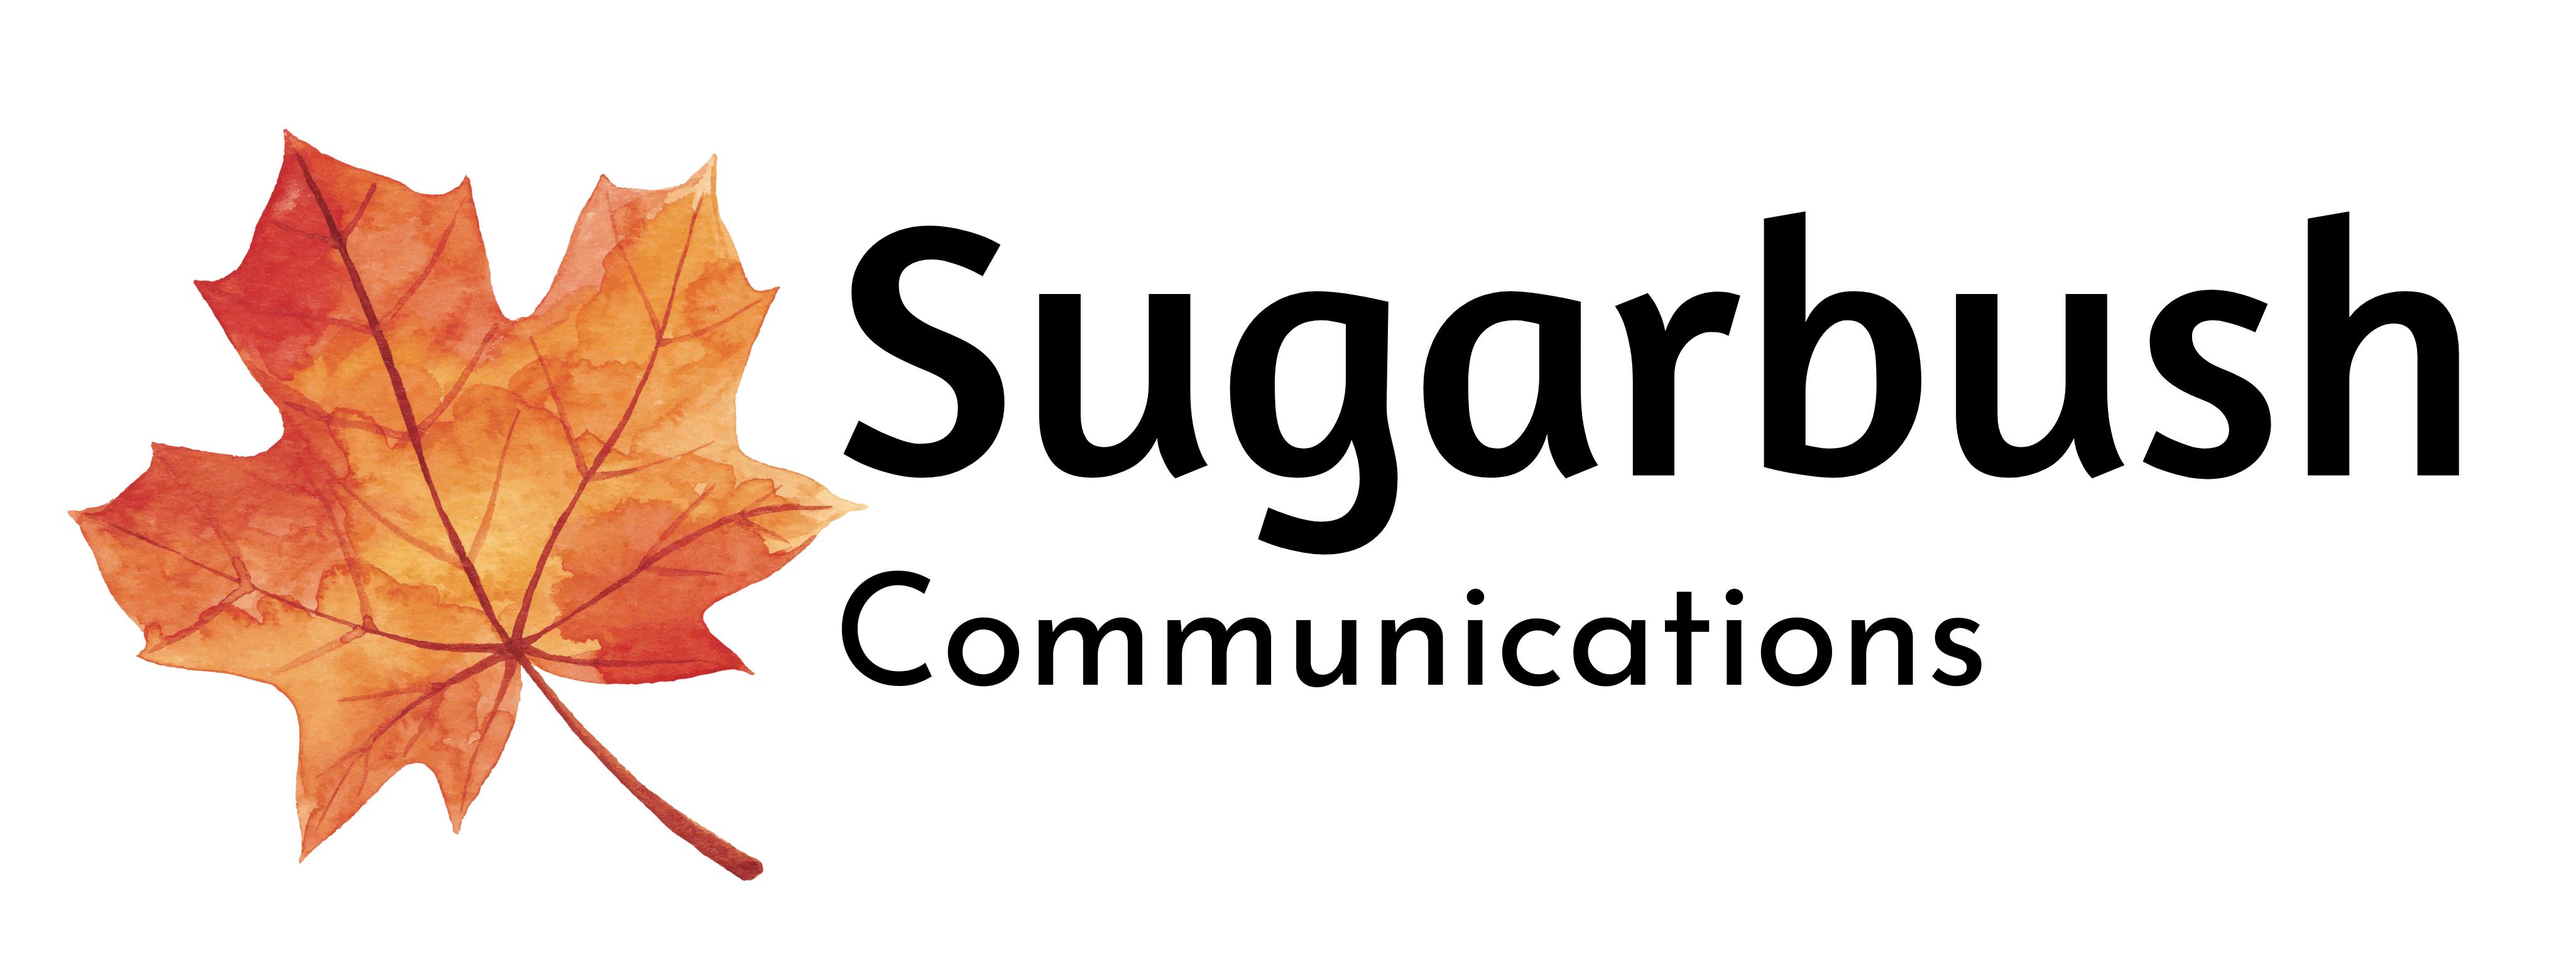 Copy of Sugarbush-4